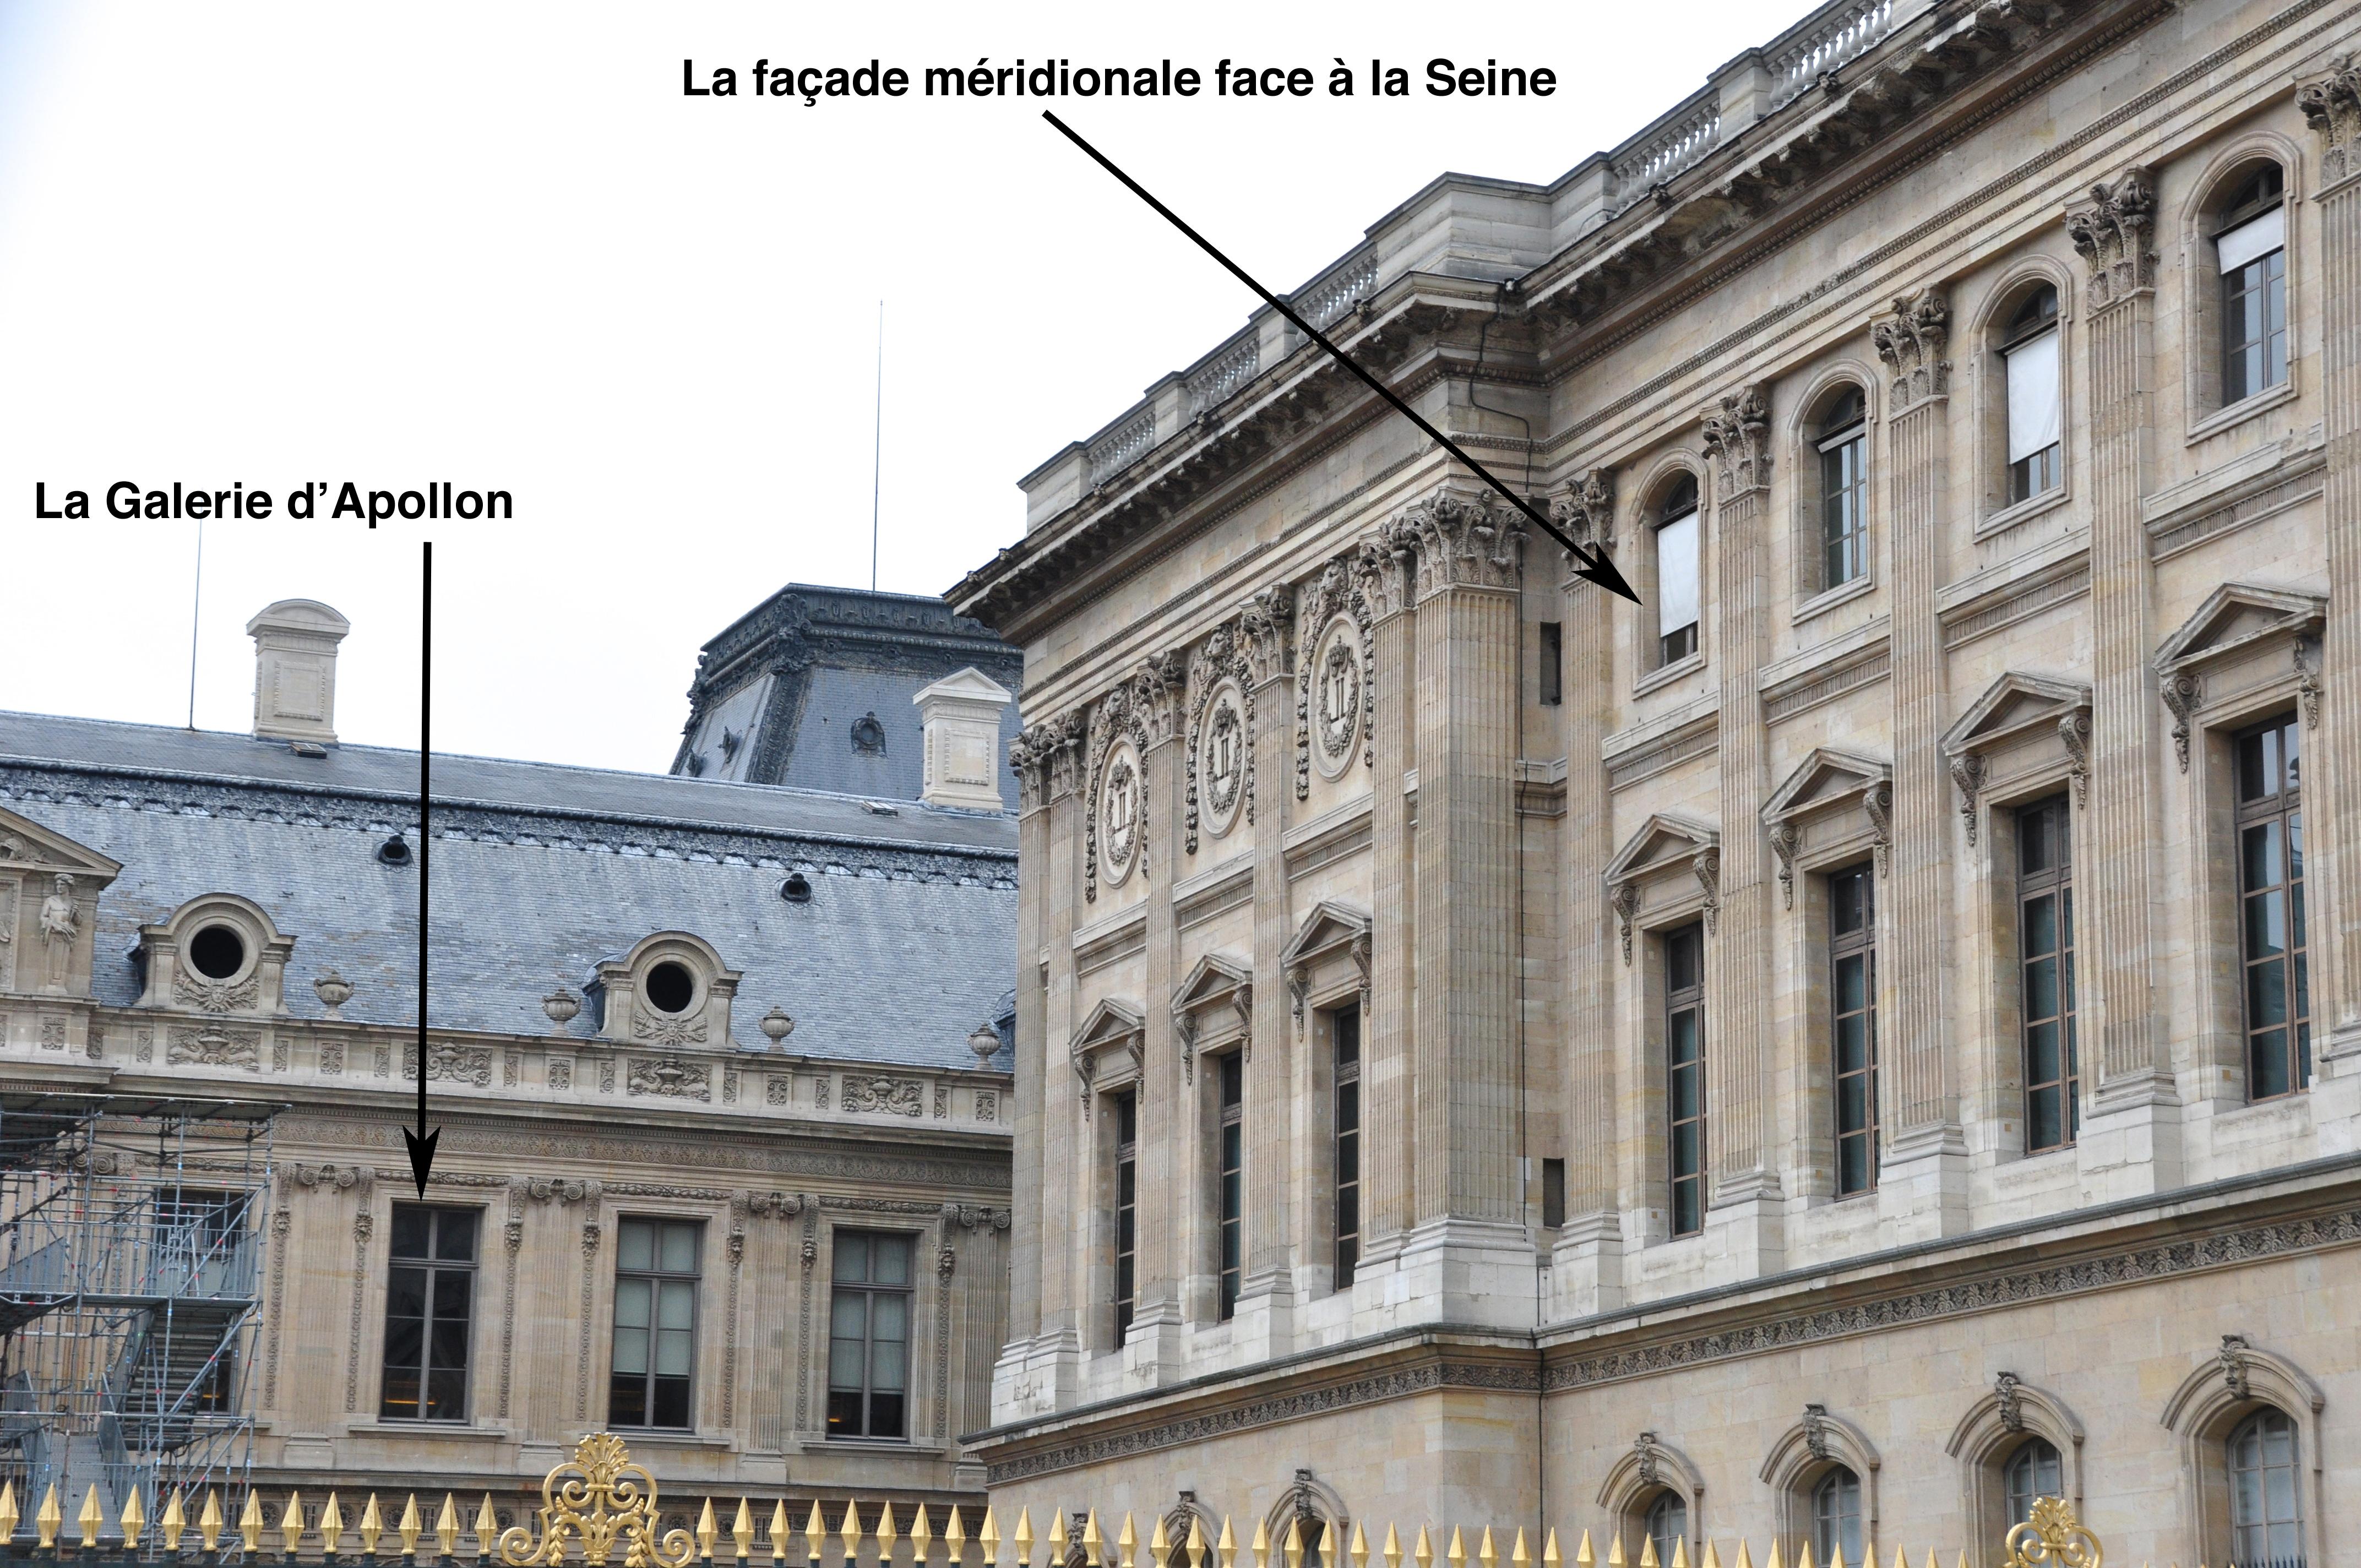 La galerie d'Apollon et la façade méridionale du Louvre, Paris